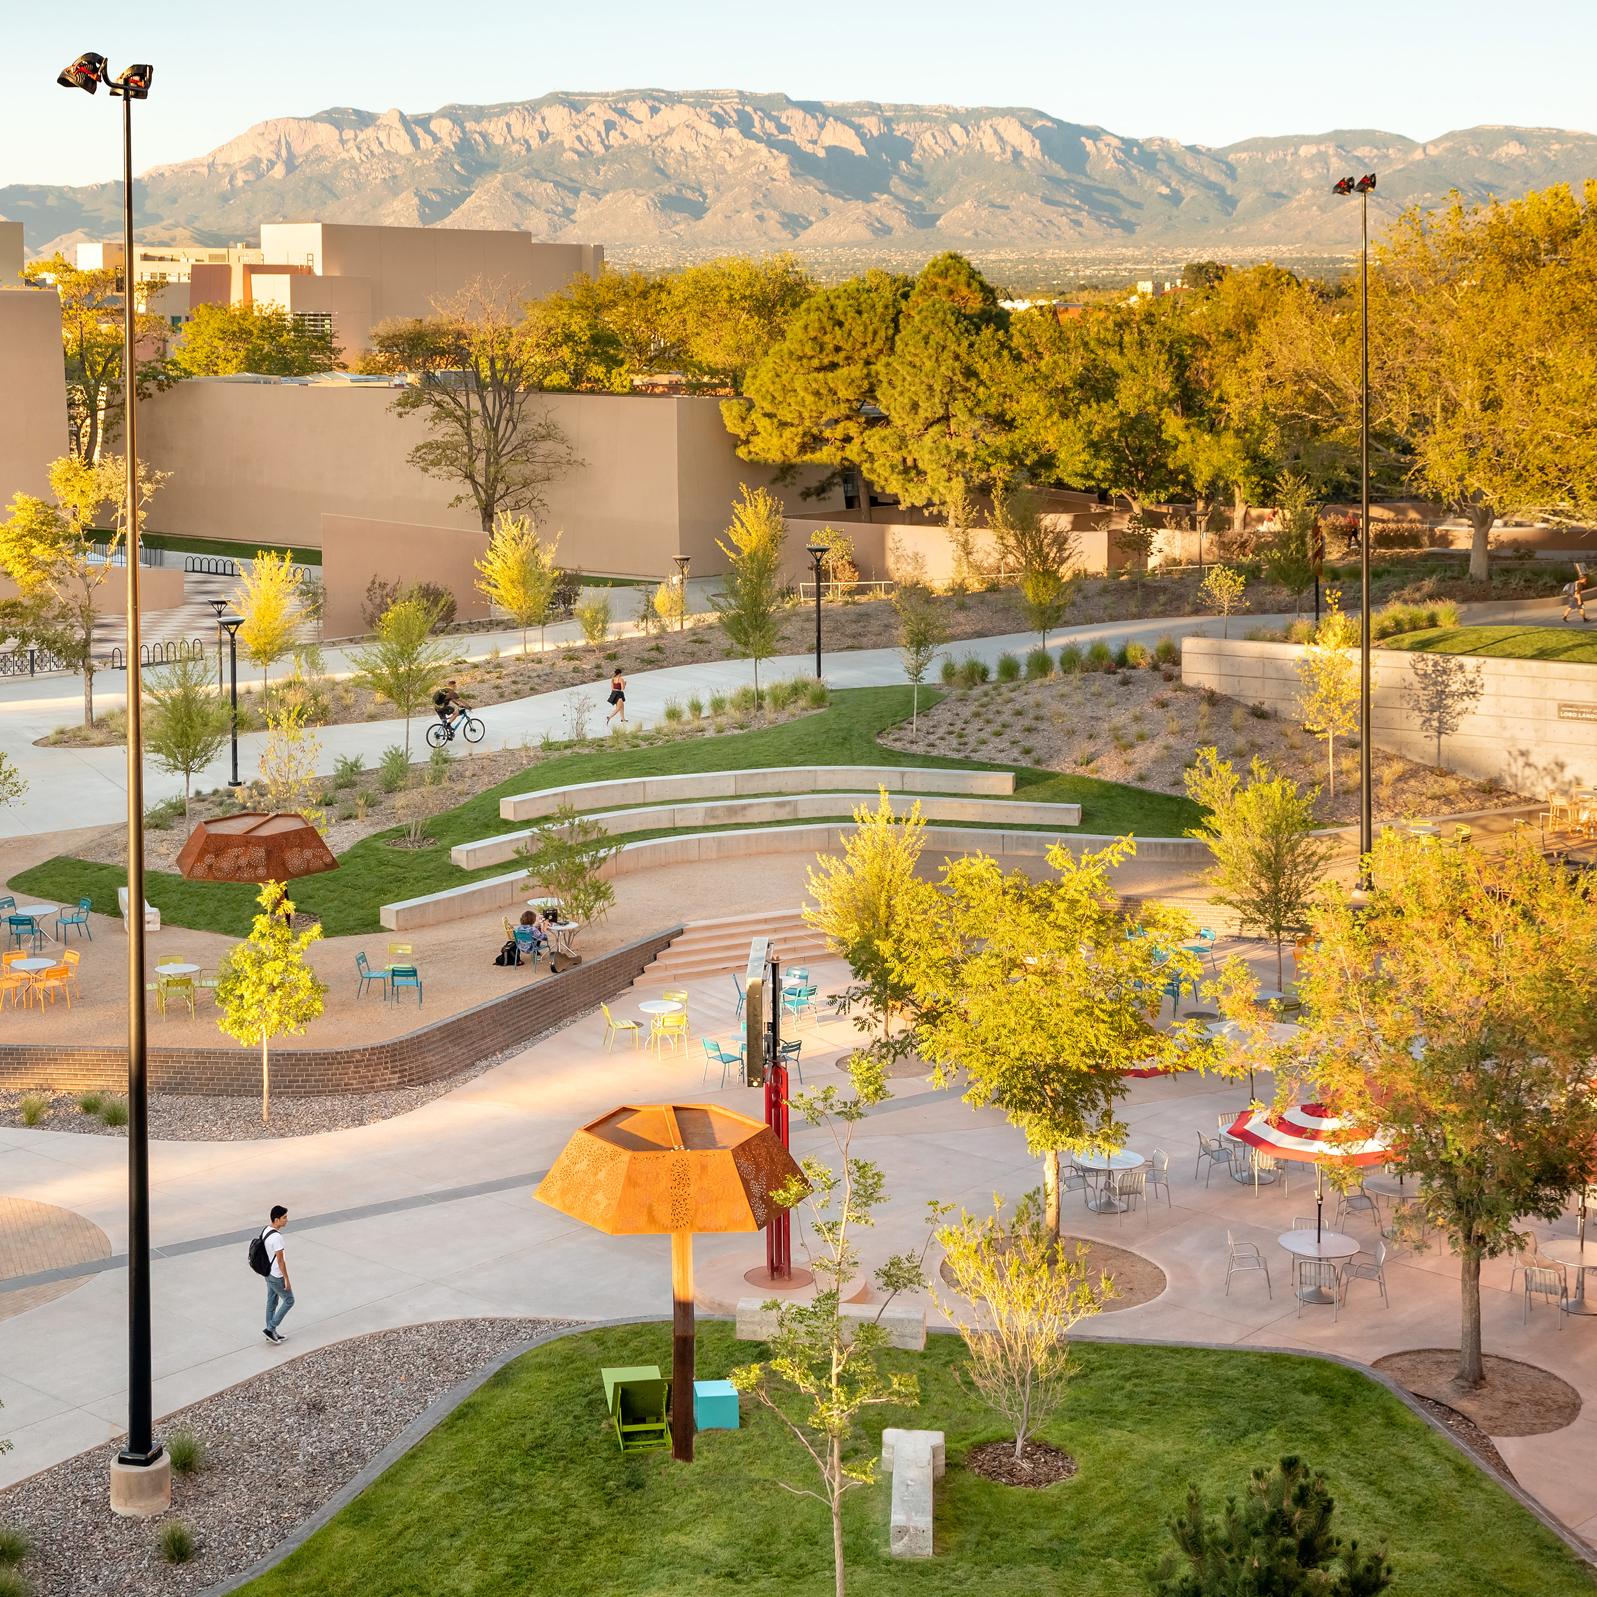 UNM Smith Plaza-7-sm.jpg